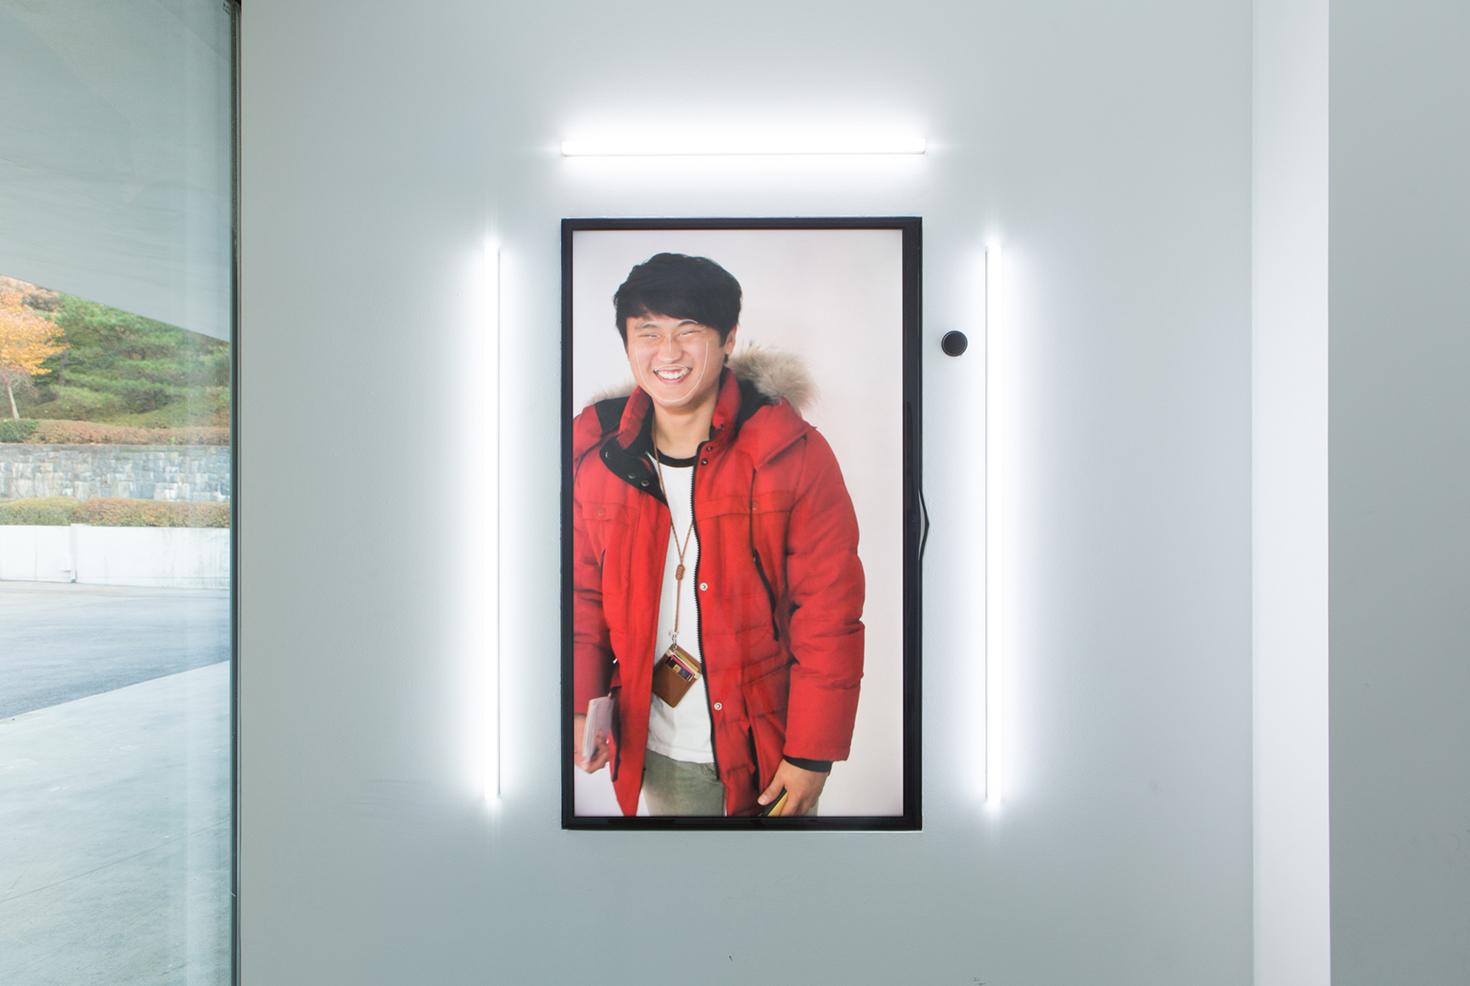 Een digitale spiegel met duizenden foto's